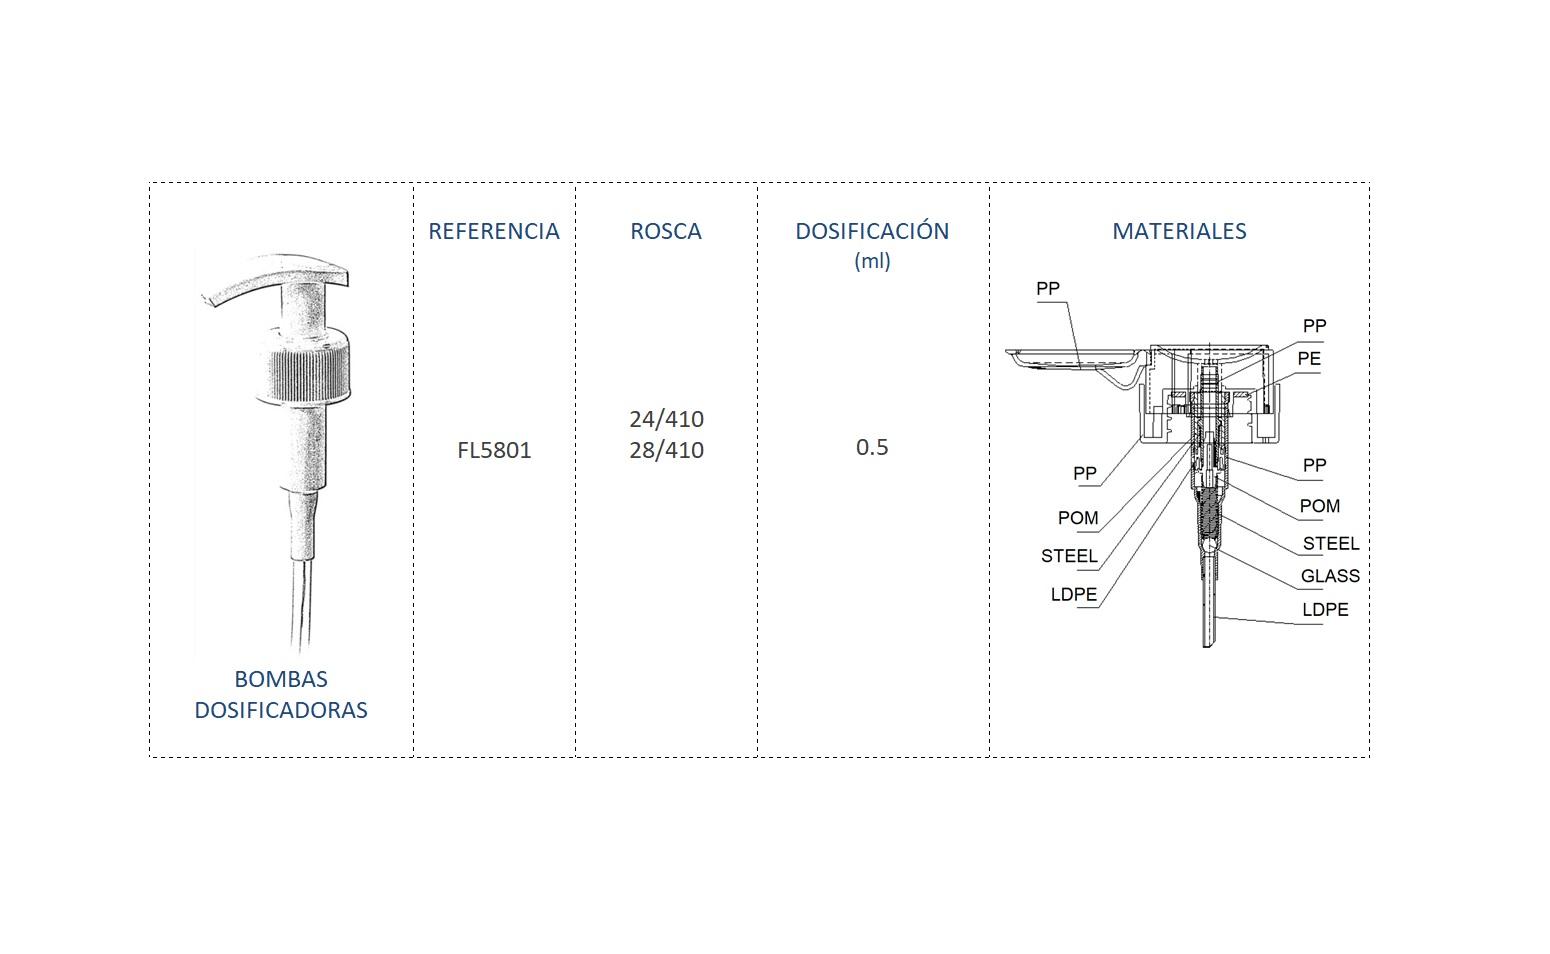 Cuadro de materiales FL5801 24/410 y 28/410